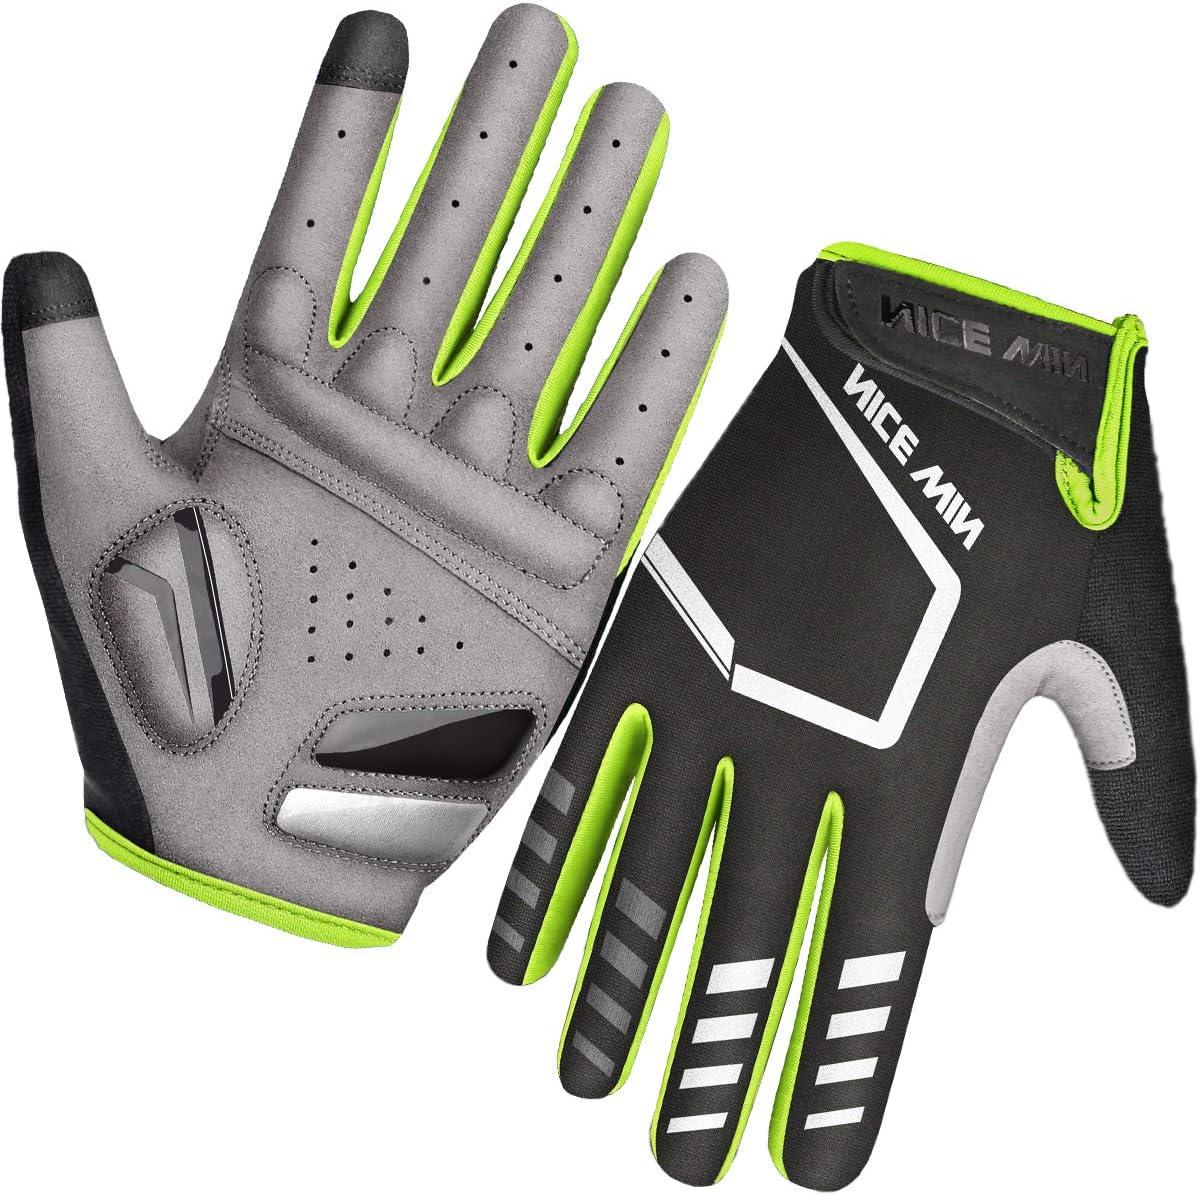 LOHOTEK Cycling Gloves for Mountain Bikes Padded Road Bike for Men Women Non-Slip Touch Screen